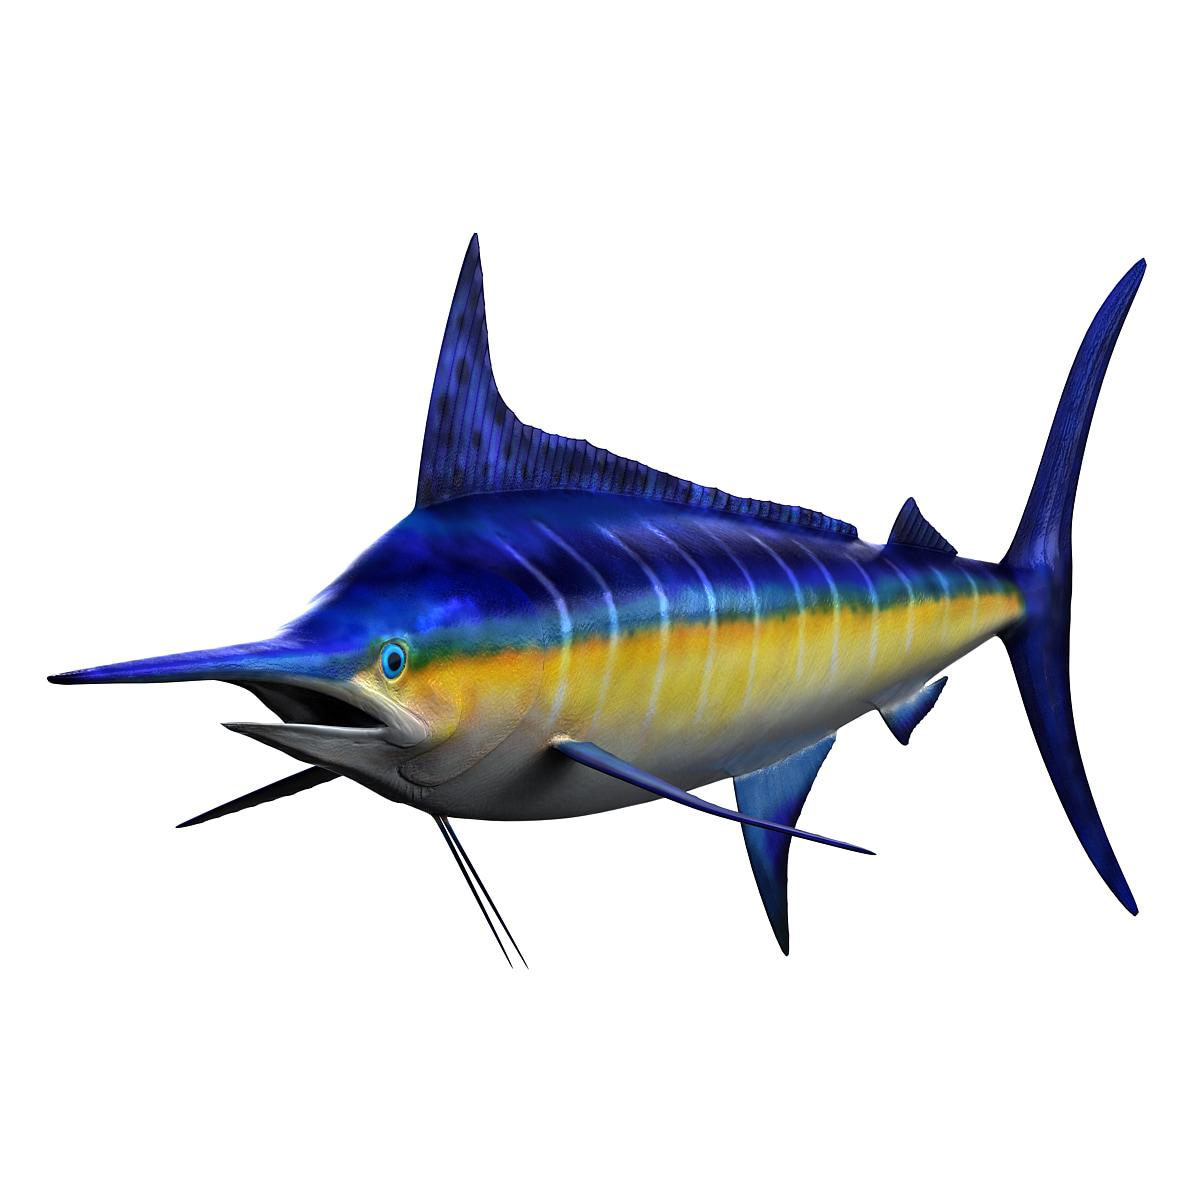 3ds max marlin fish